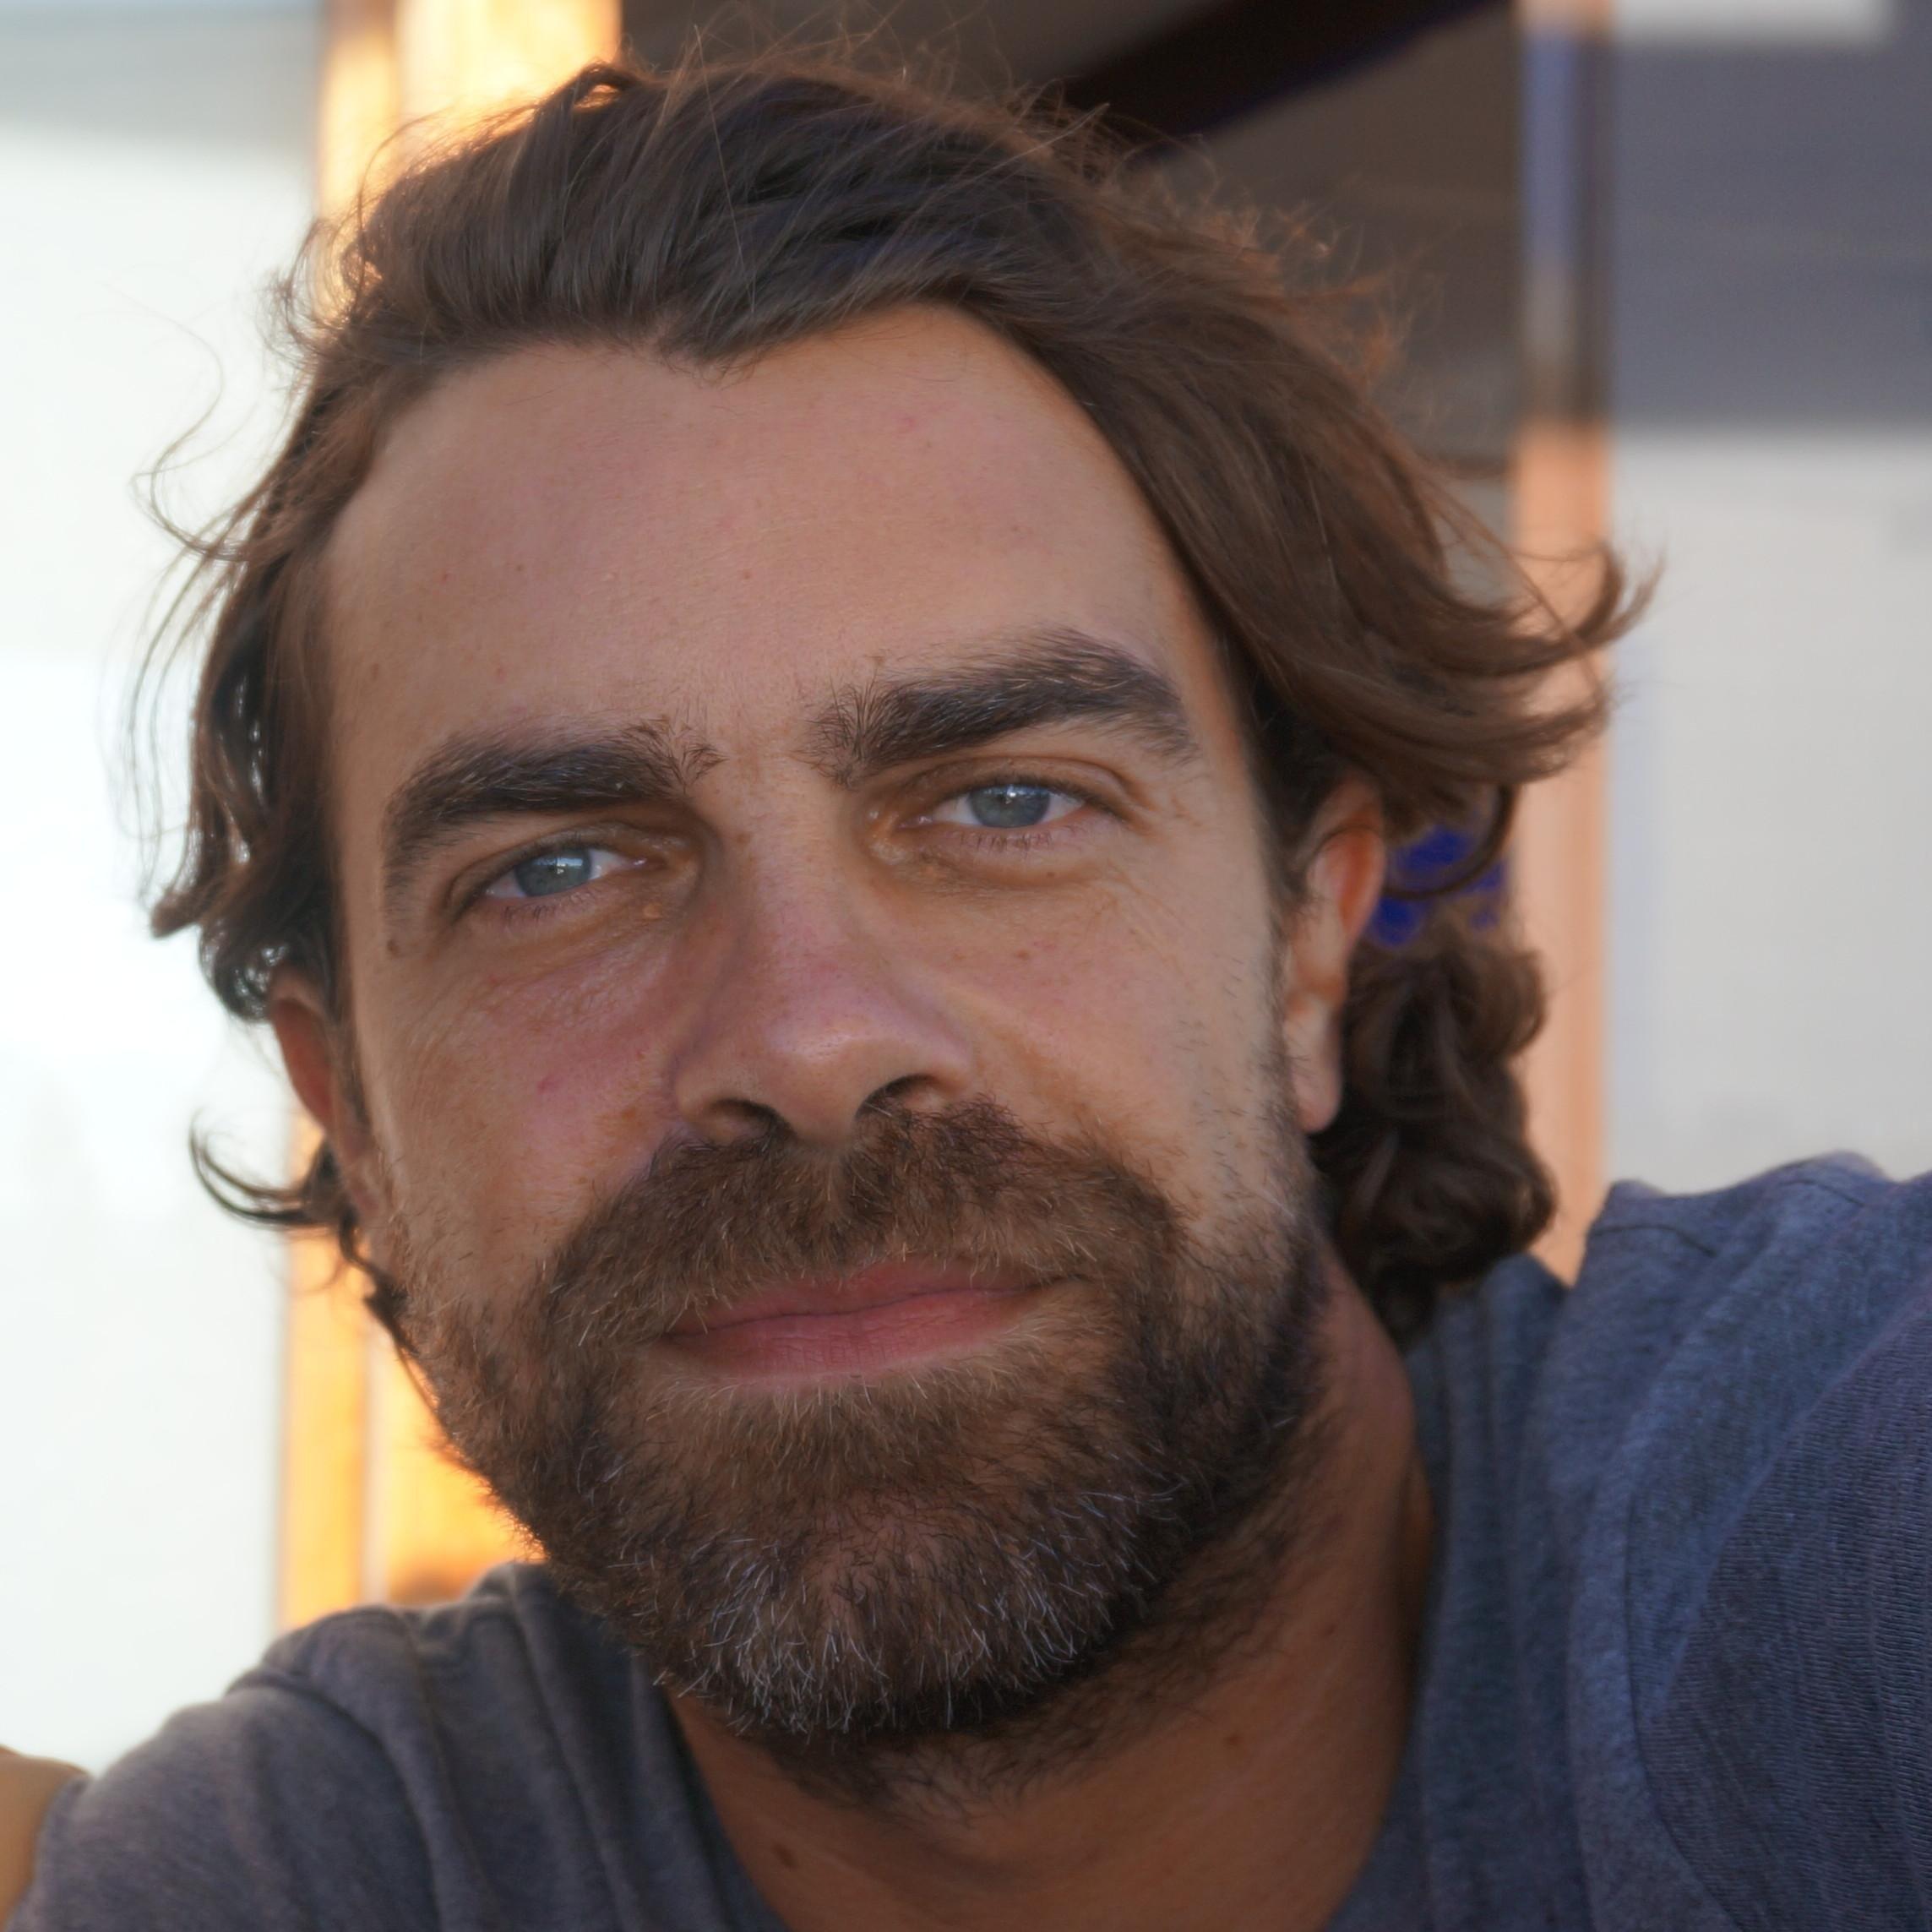 Juan Elosua Tomé